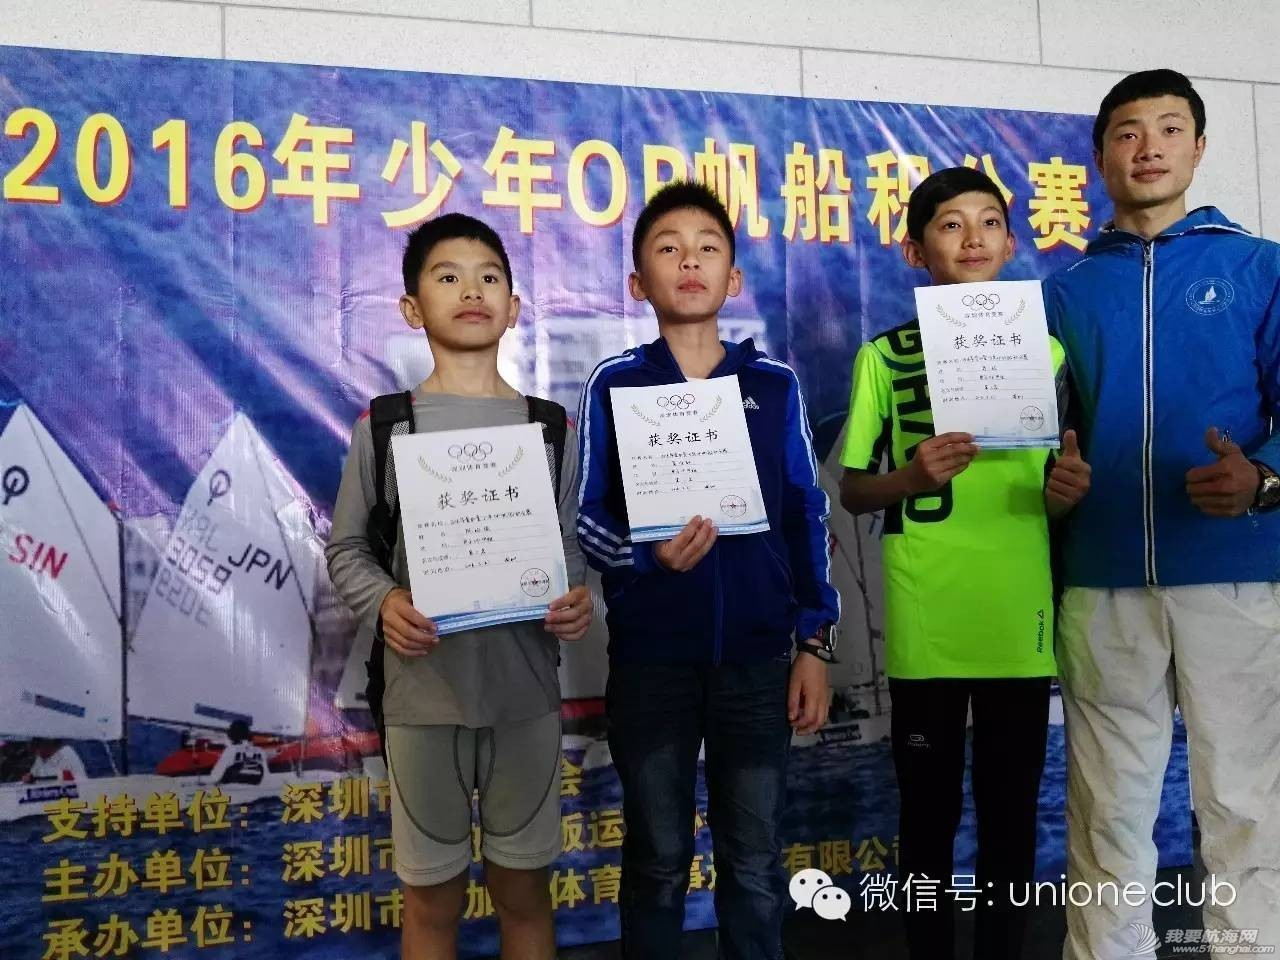 深圳市少年OP帆船积分赛首轮开赛啦! 2cfb911729cf92f515e5013b7996790d.jpg